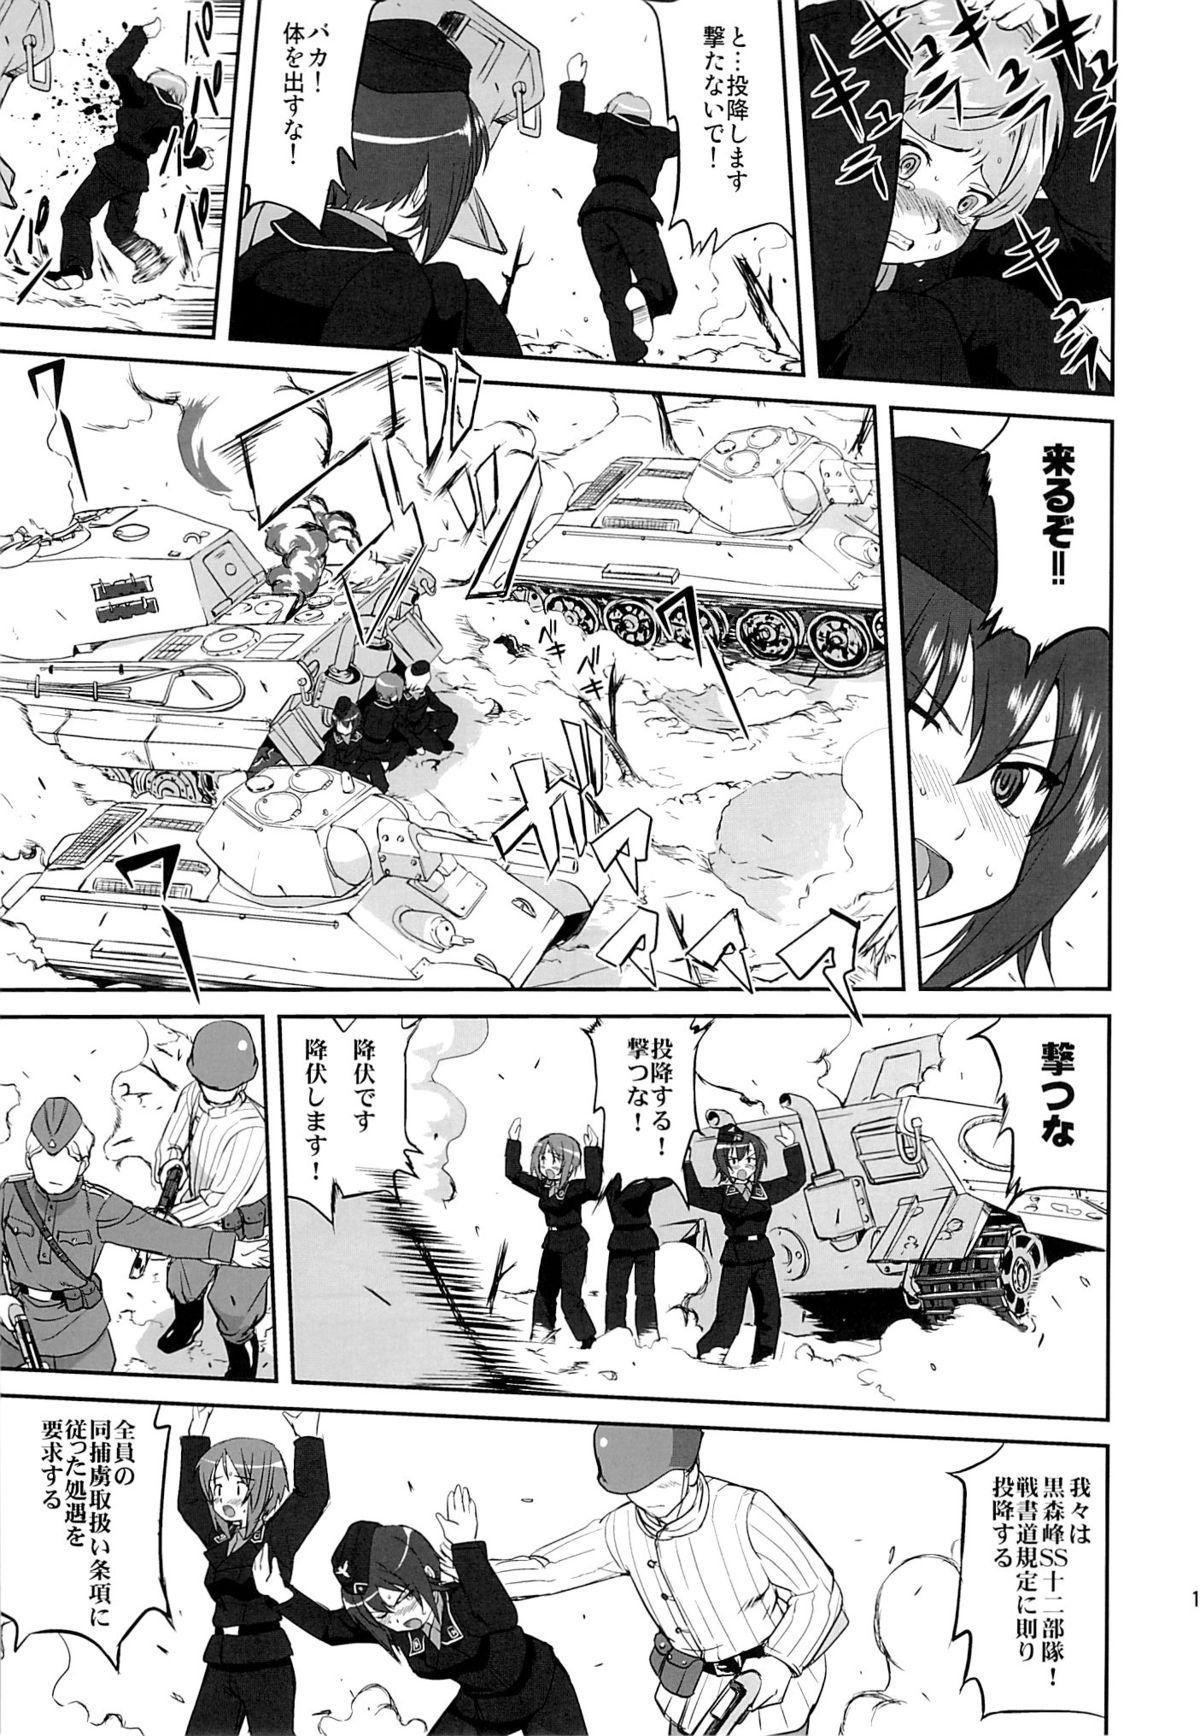 Yukiyukite Senshadou 9